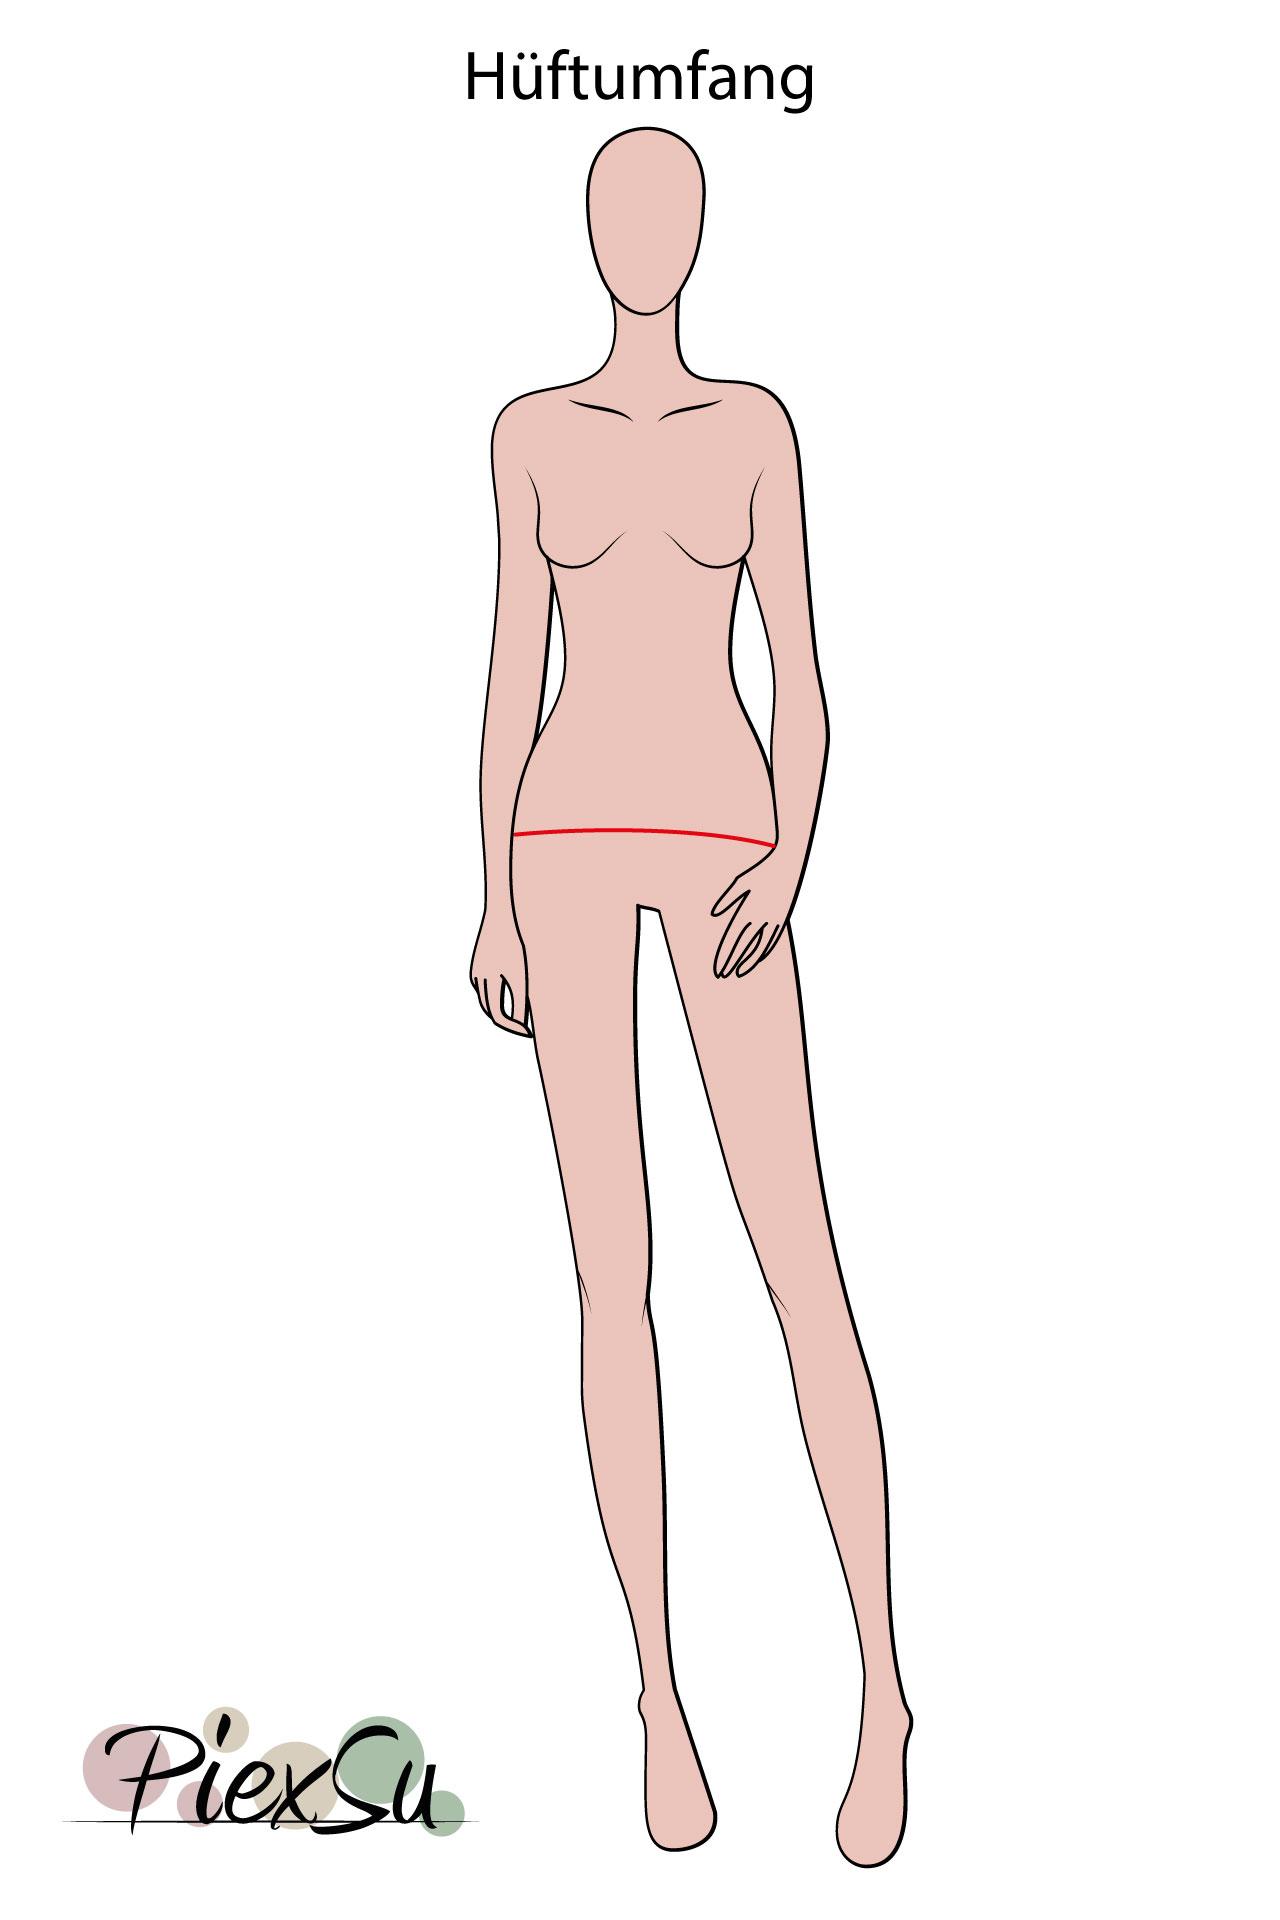 PiexSu-richtig-Maßnehmen-Maße-Schnittmuster-nähen-Schnittmuster-anpassen-messen-Maßband-Hüftumfang